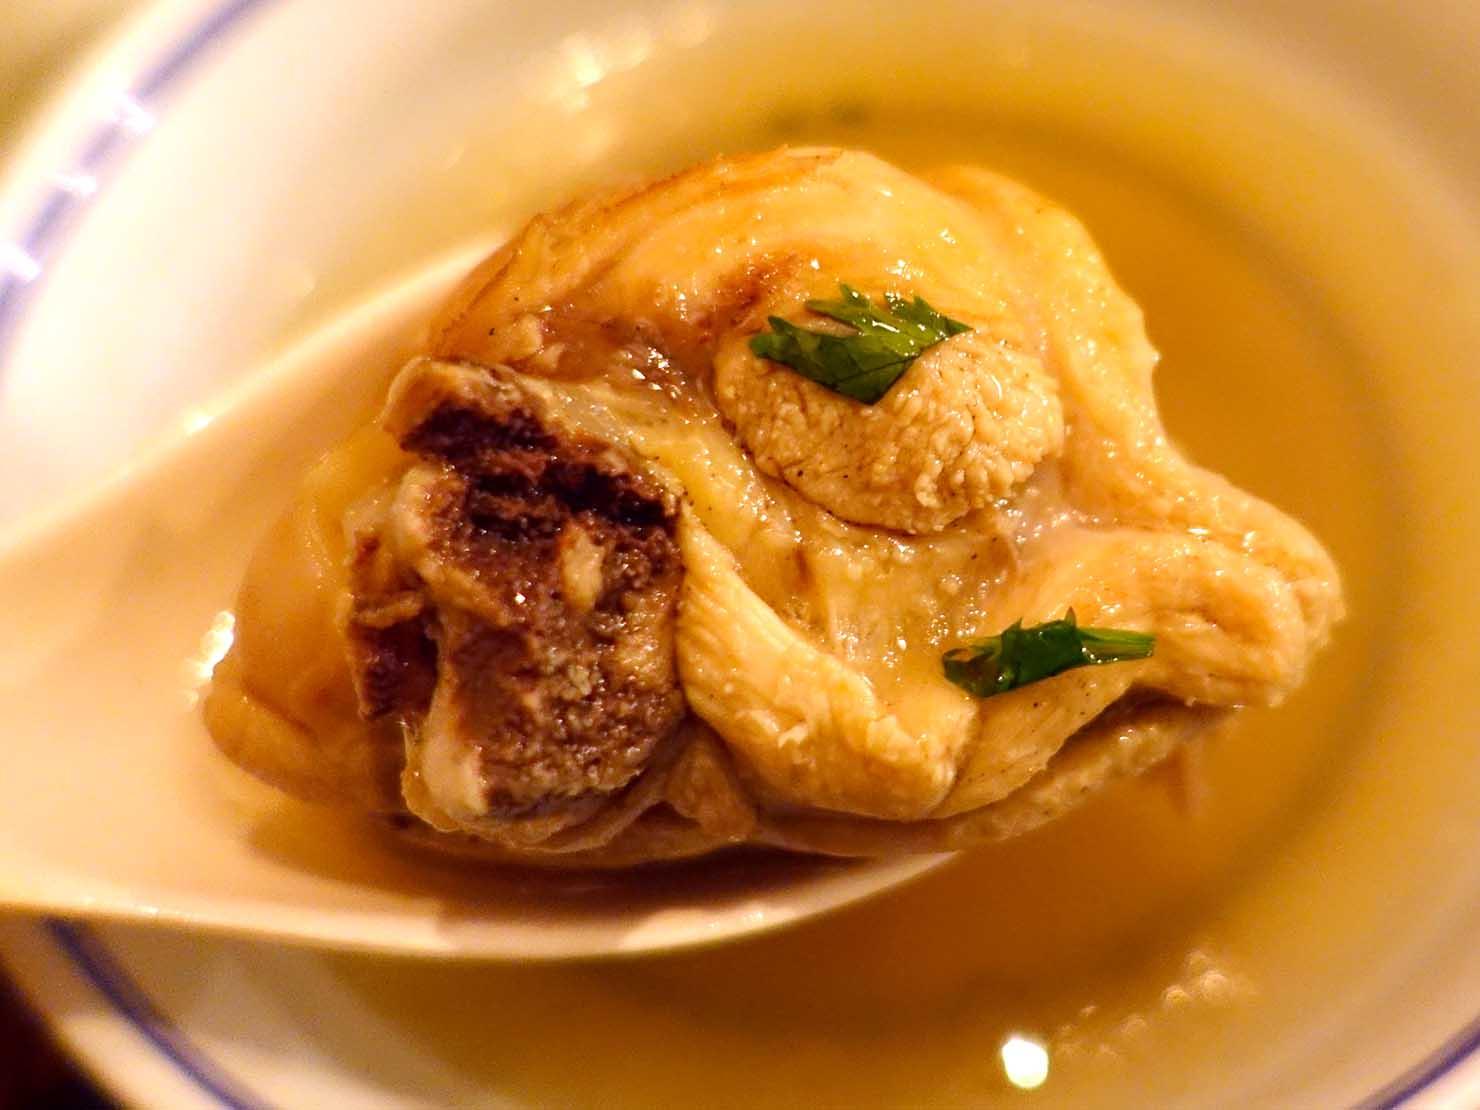 台北駅前エリア(前站)のおすすめグルメ店「話一隻雞」の招牌燉雞湯クローズアップ